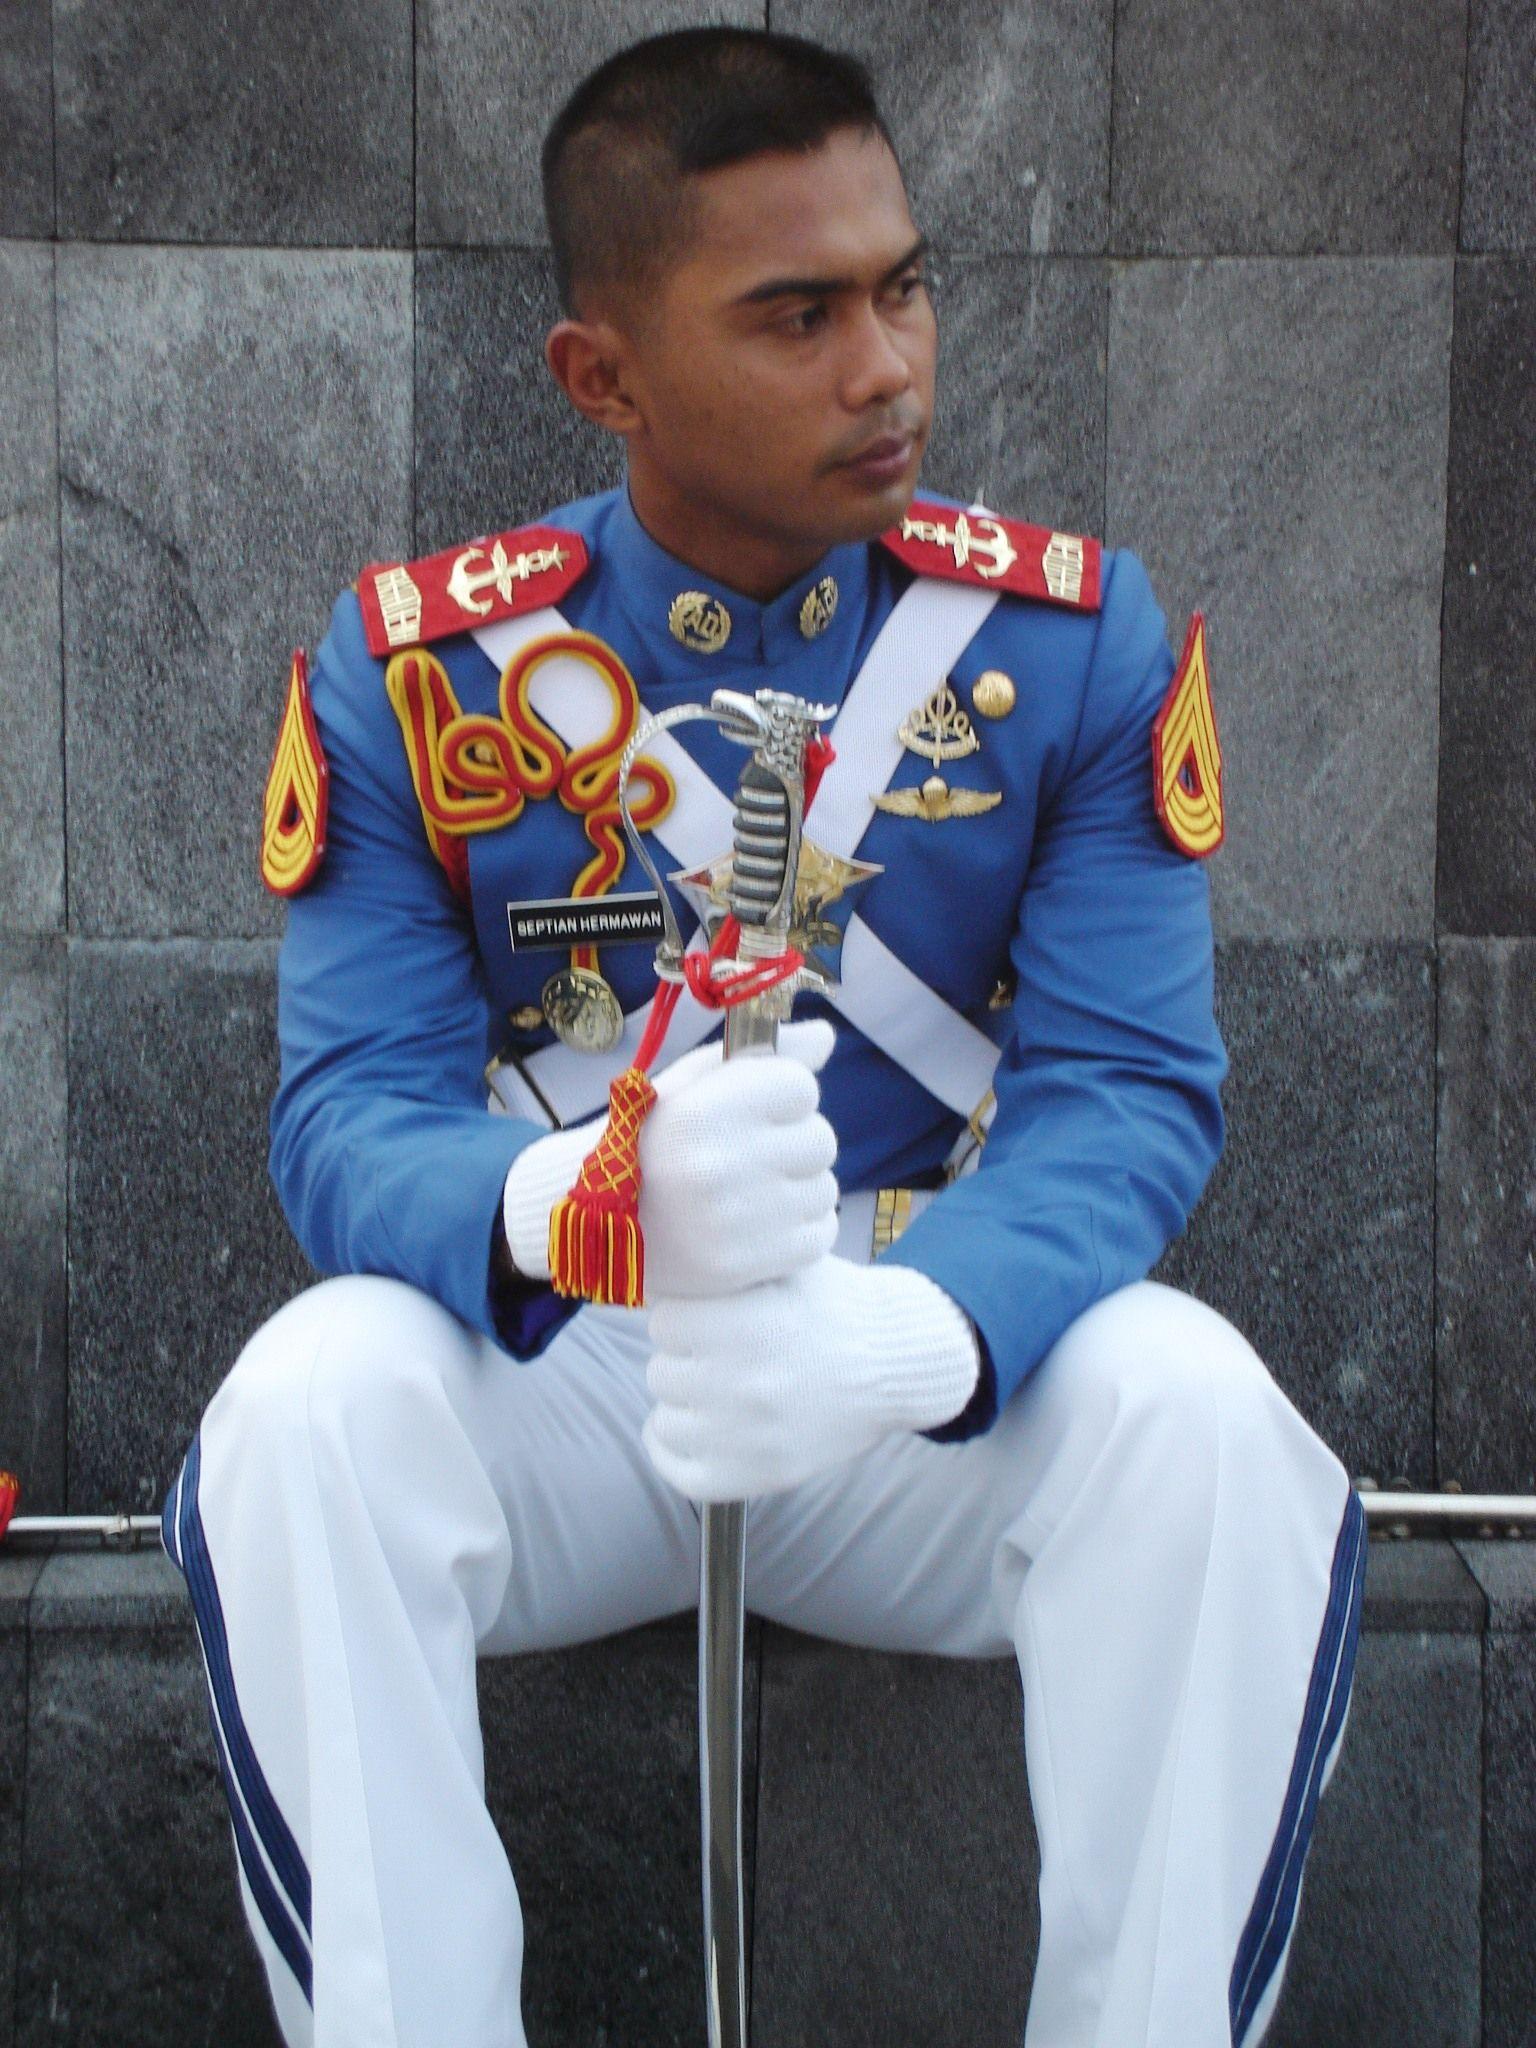 Dulu, aku jatuh cinta dengan seorang taruna Militer